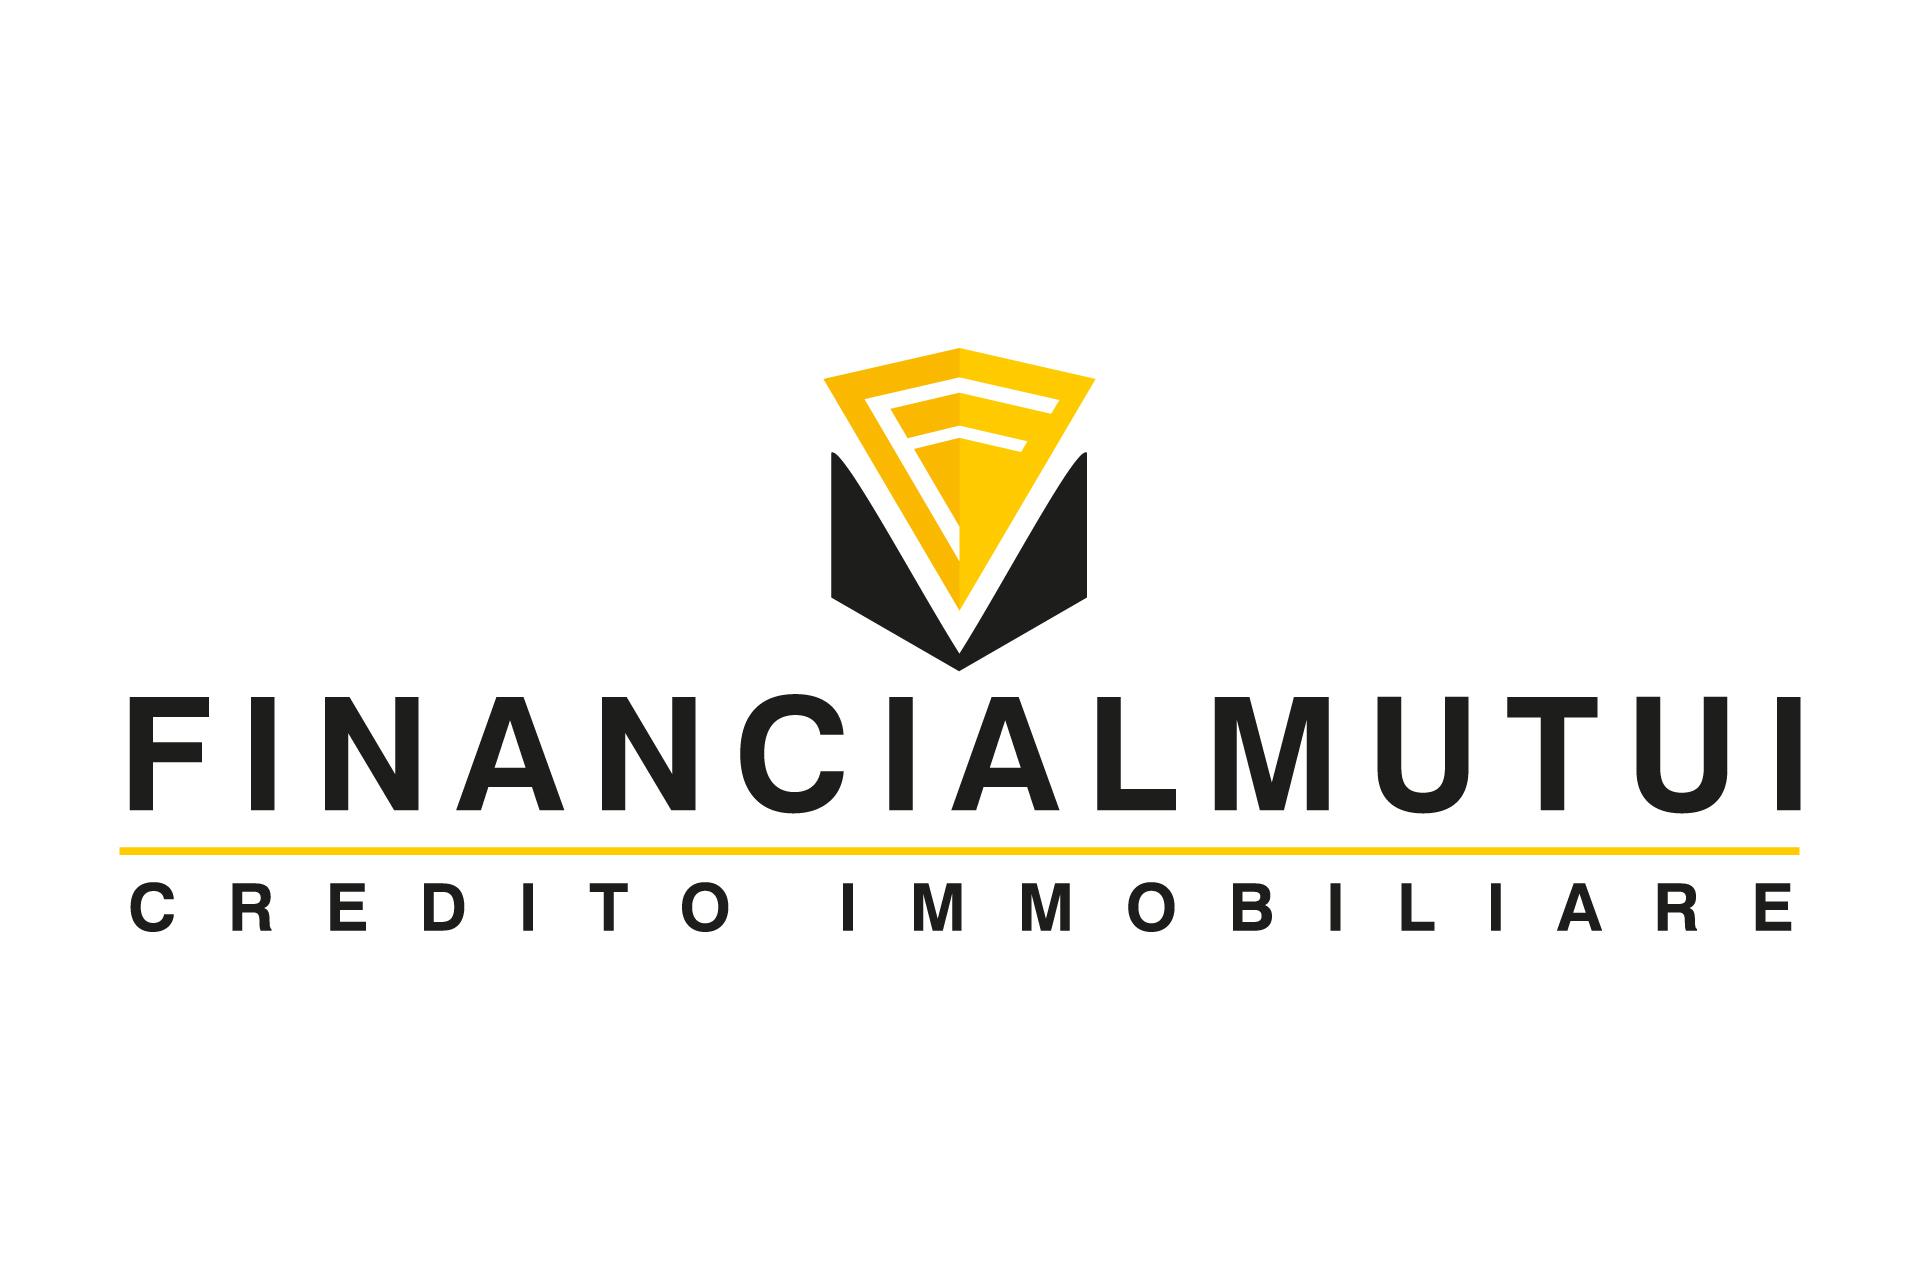 financial-mutui-varese-credito-immobiliare-carousel-1-design-©-2021-diego-cinquegrana-aimaproject-sa